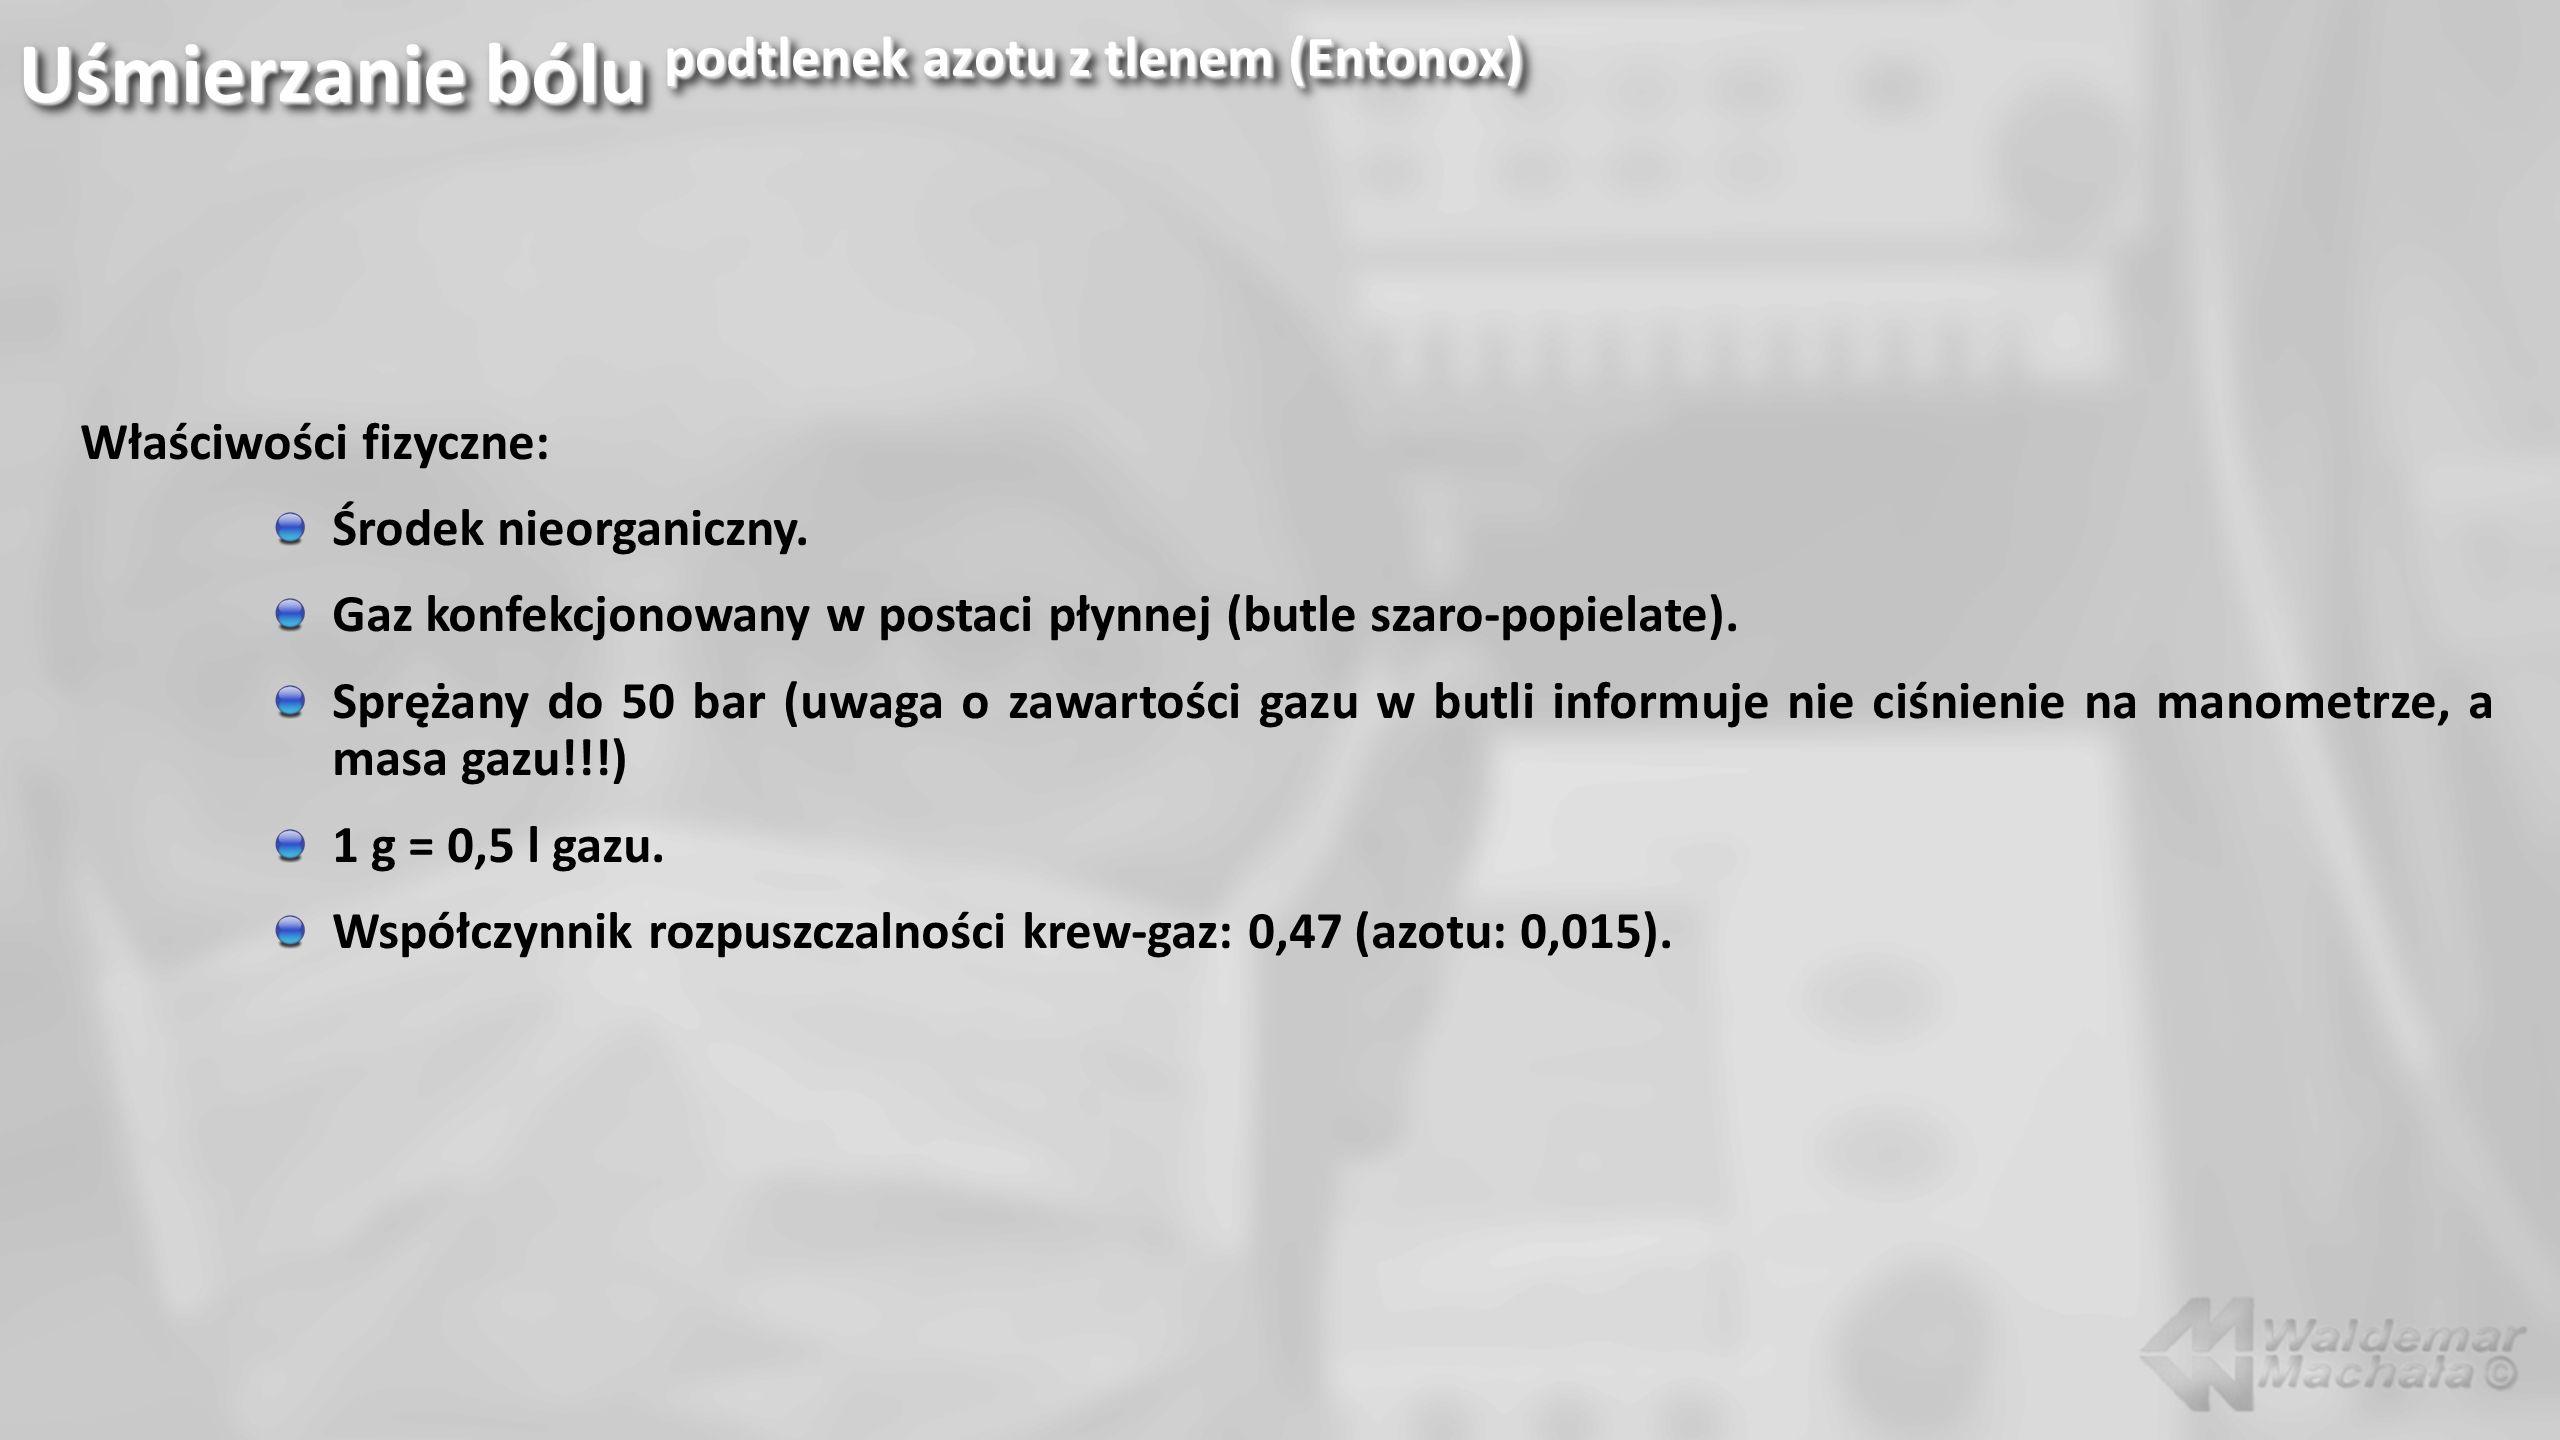 Uśmierzanie bólu podtlenek azotu z tlenem (Entonox)